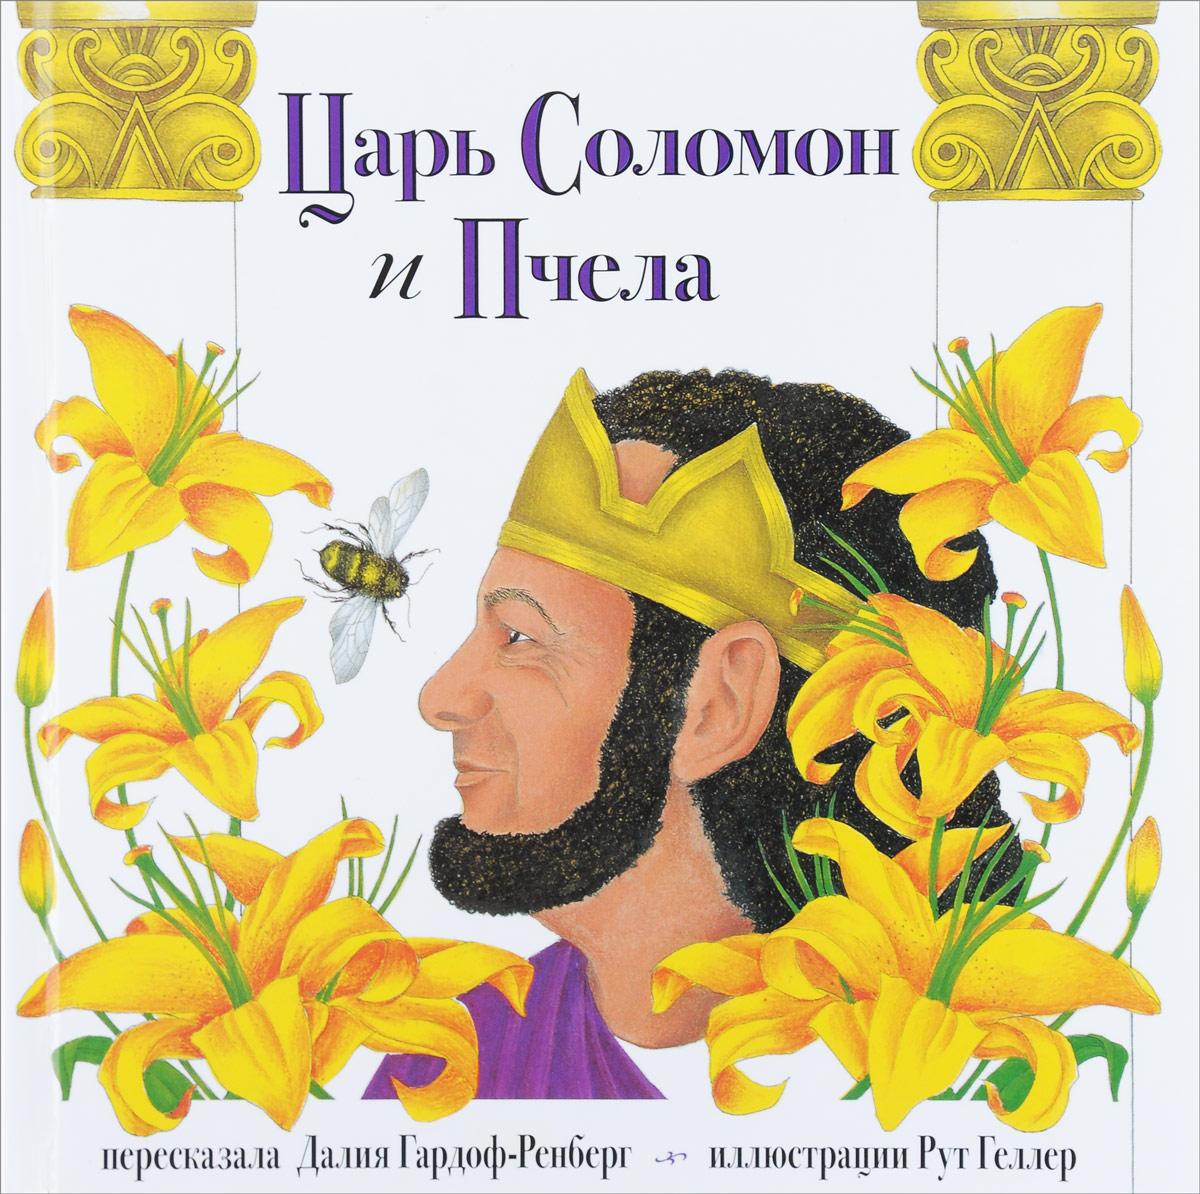 Гардоф-Ренберг Д. Царь Соломон и пчела